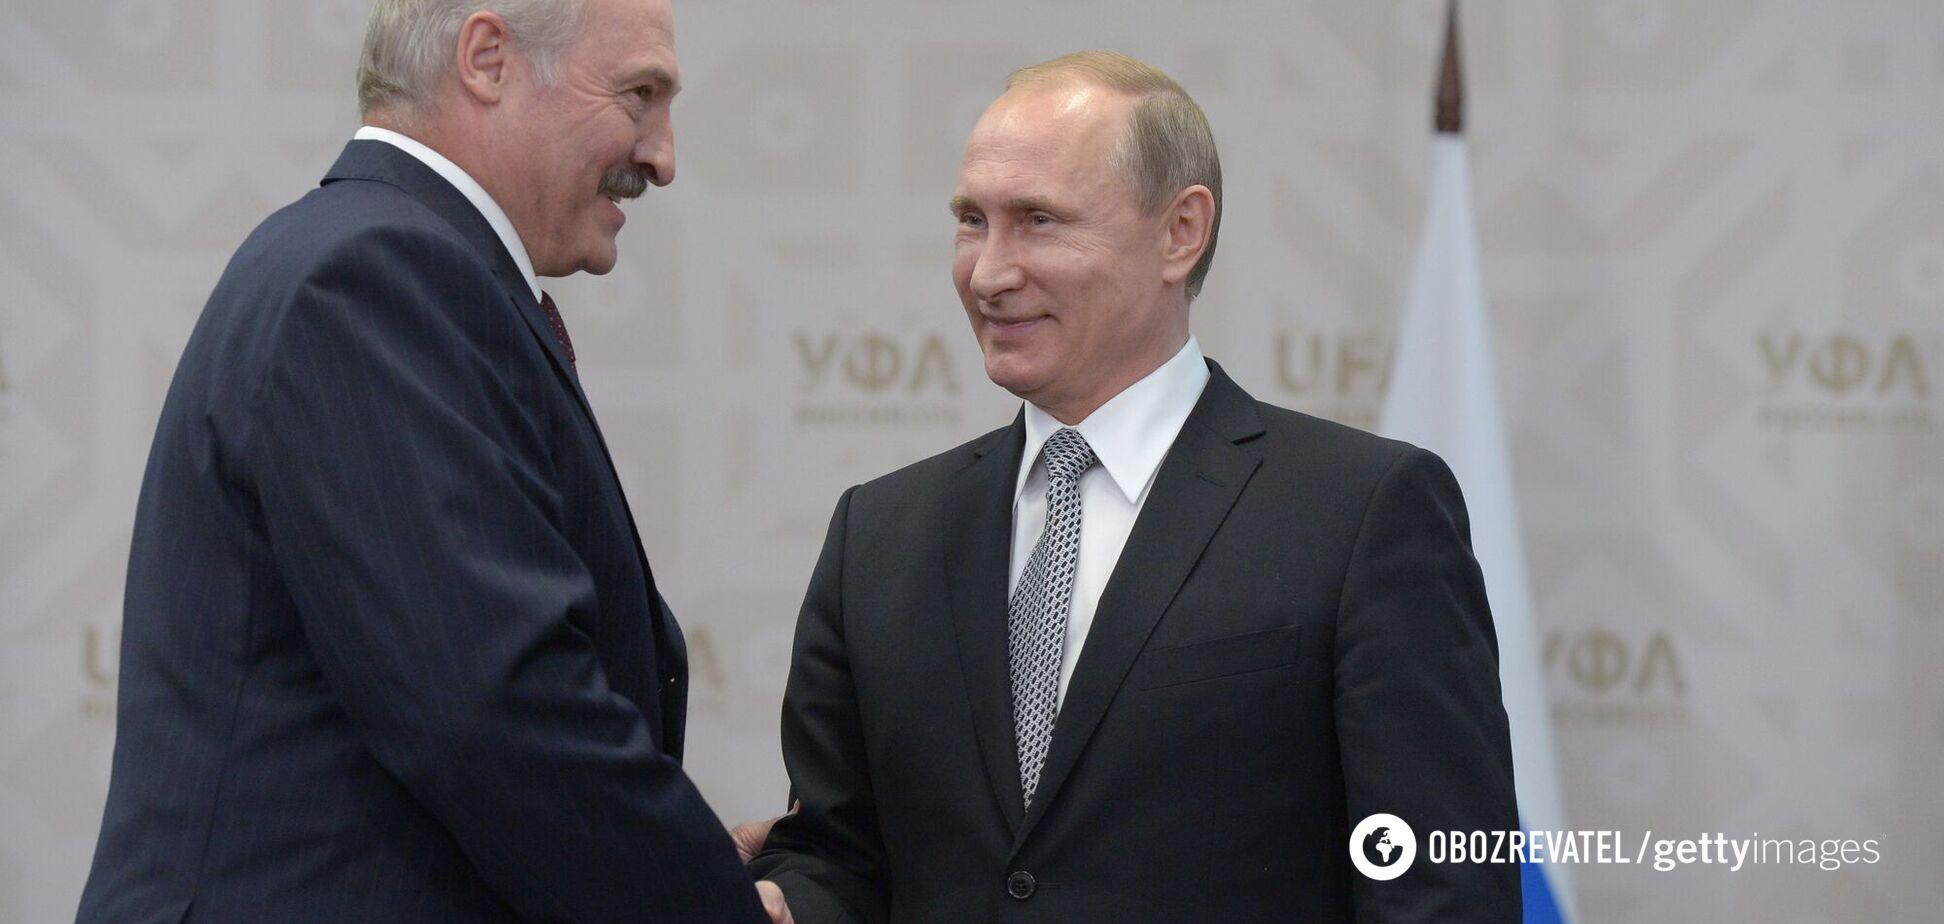 Ворон ворону..., или Влияние Путина на Лукашенко